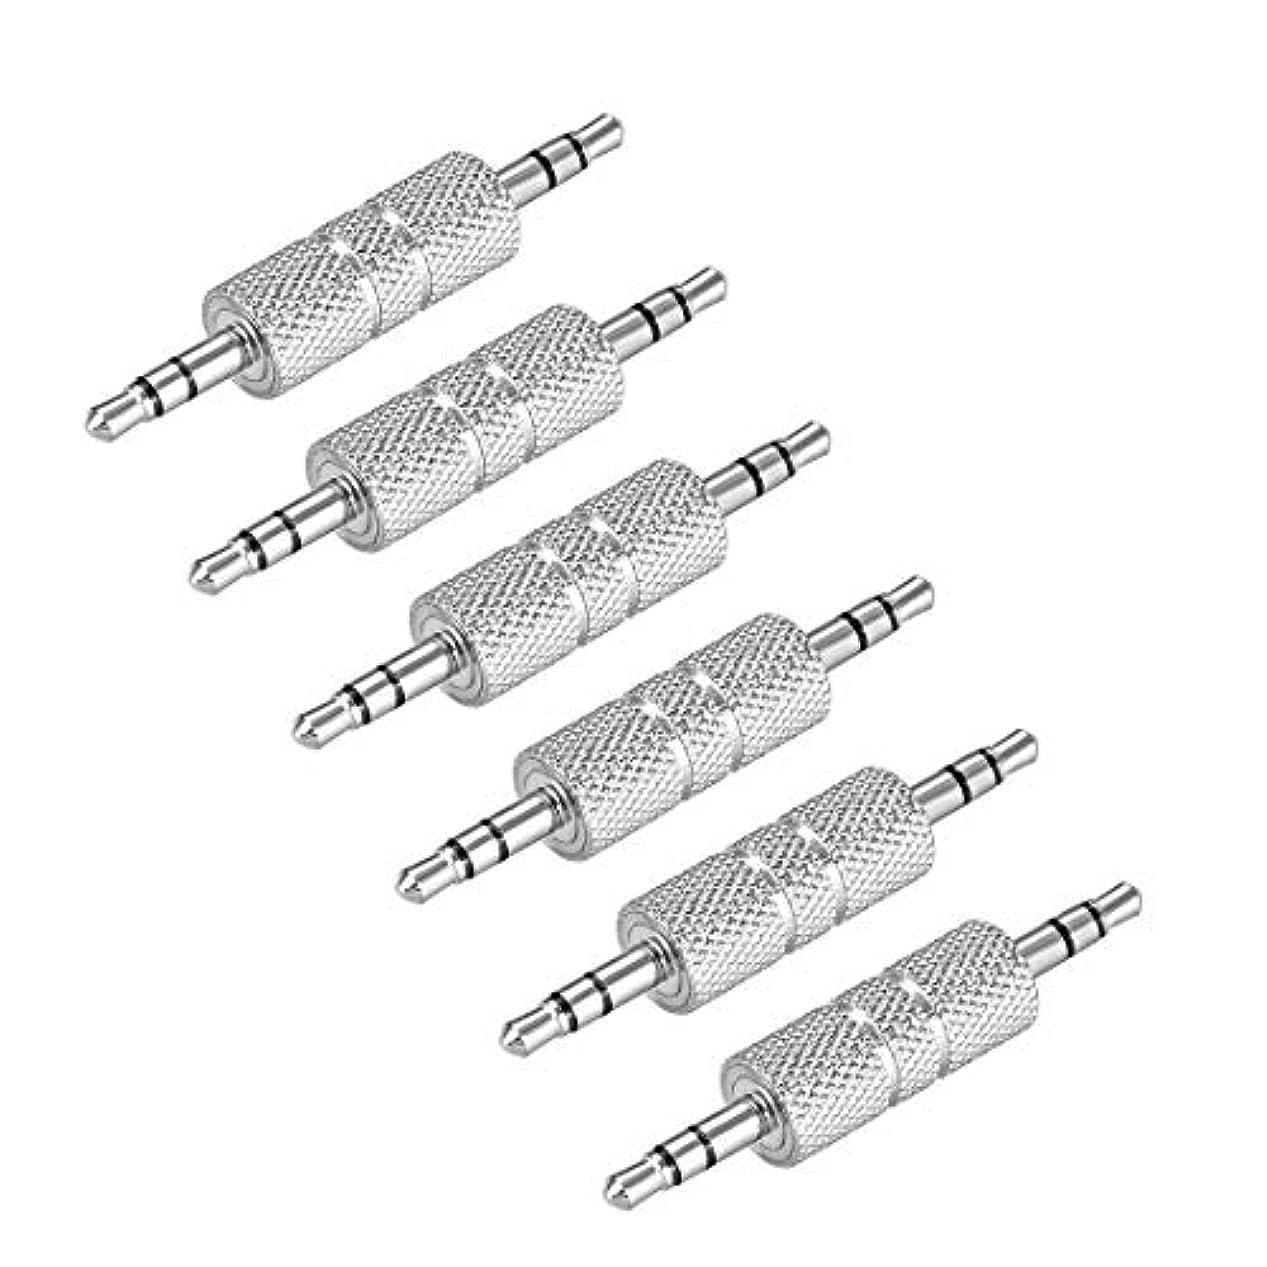 礼儀注文プロフィールuxcell 3.5mmオス-オスコネクタ ステレオオーディオビデオアダプターカプラーコンバーター シルバートーン 6個